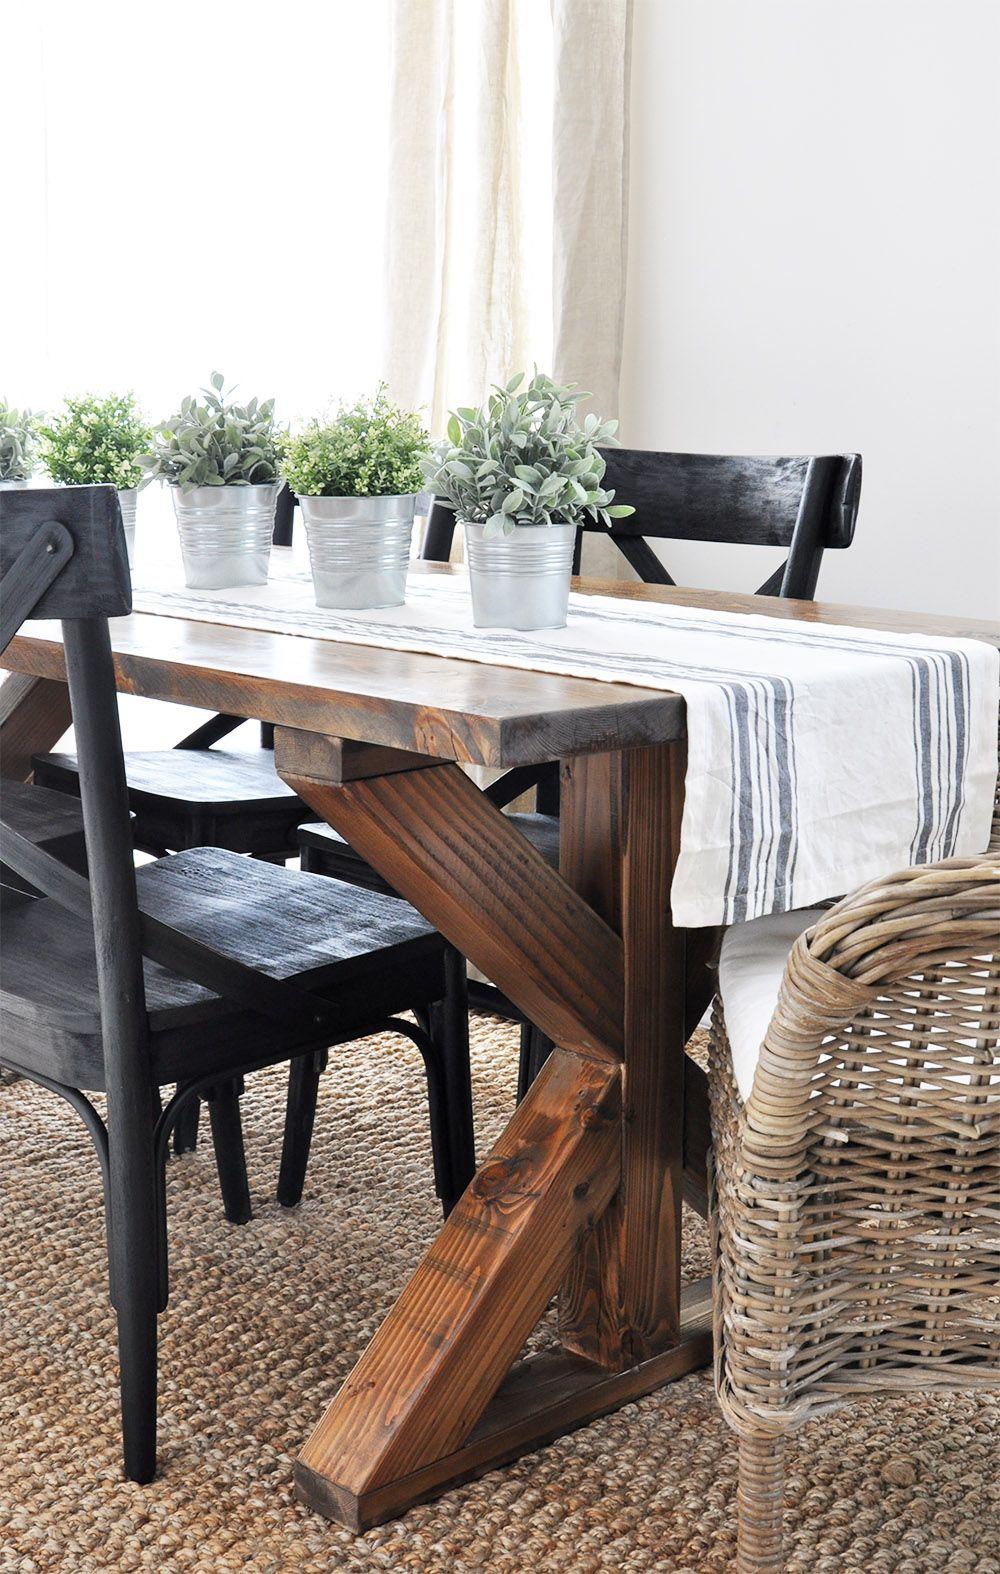 X Brace Farmhouse Table Farmhouse table and Farmhouse style